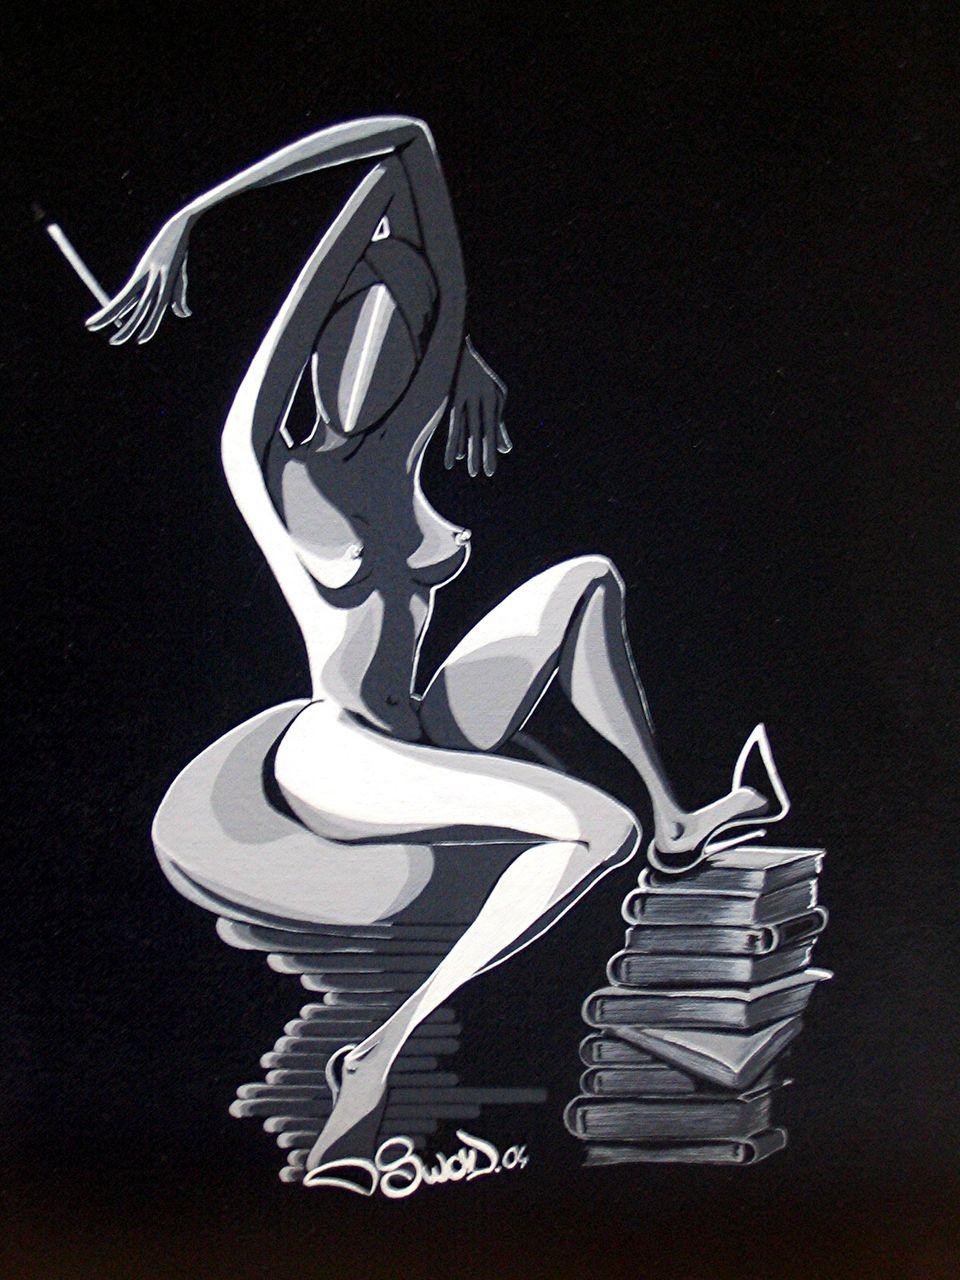 souad halima-rihoum dit SWAD en tant qu'artiste Les livres